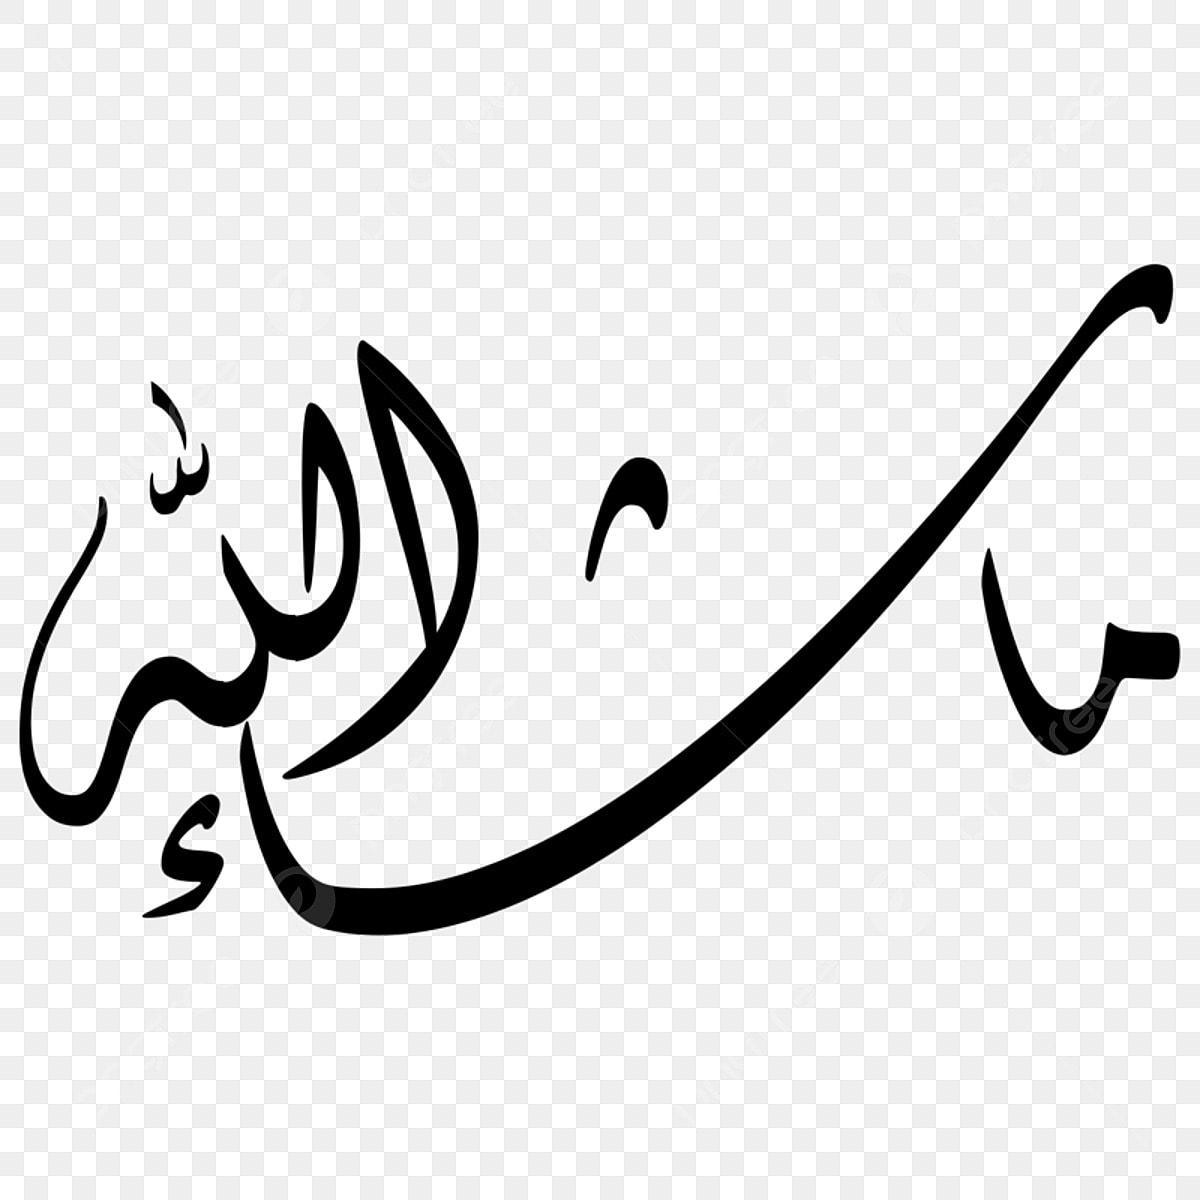 Ma Shaa Allah Islam Kaligrafi Islam Kaligrafi Mashallah